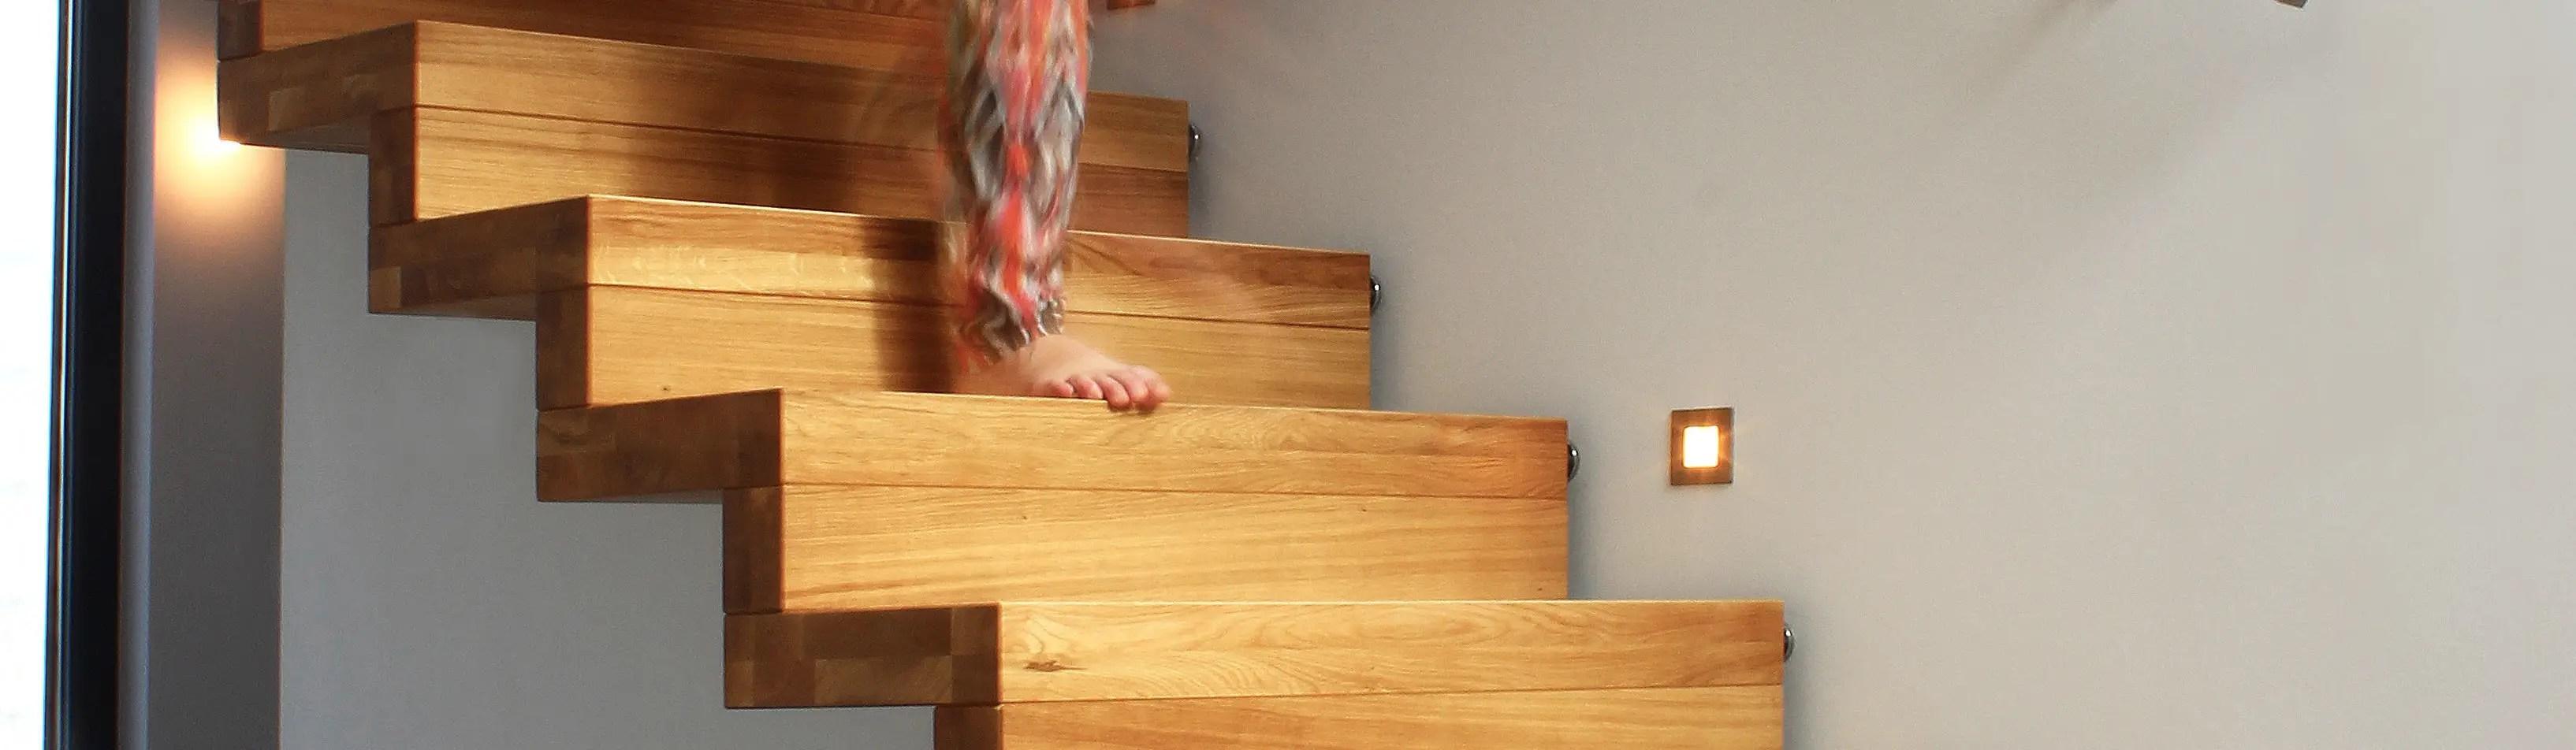 Lifestyle-Treppen.De: Treppen Und Geländer In Bexbach   Homify